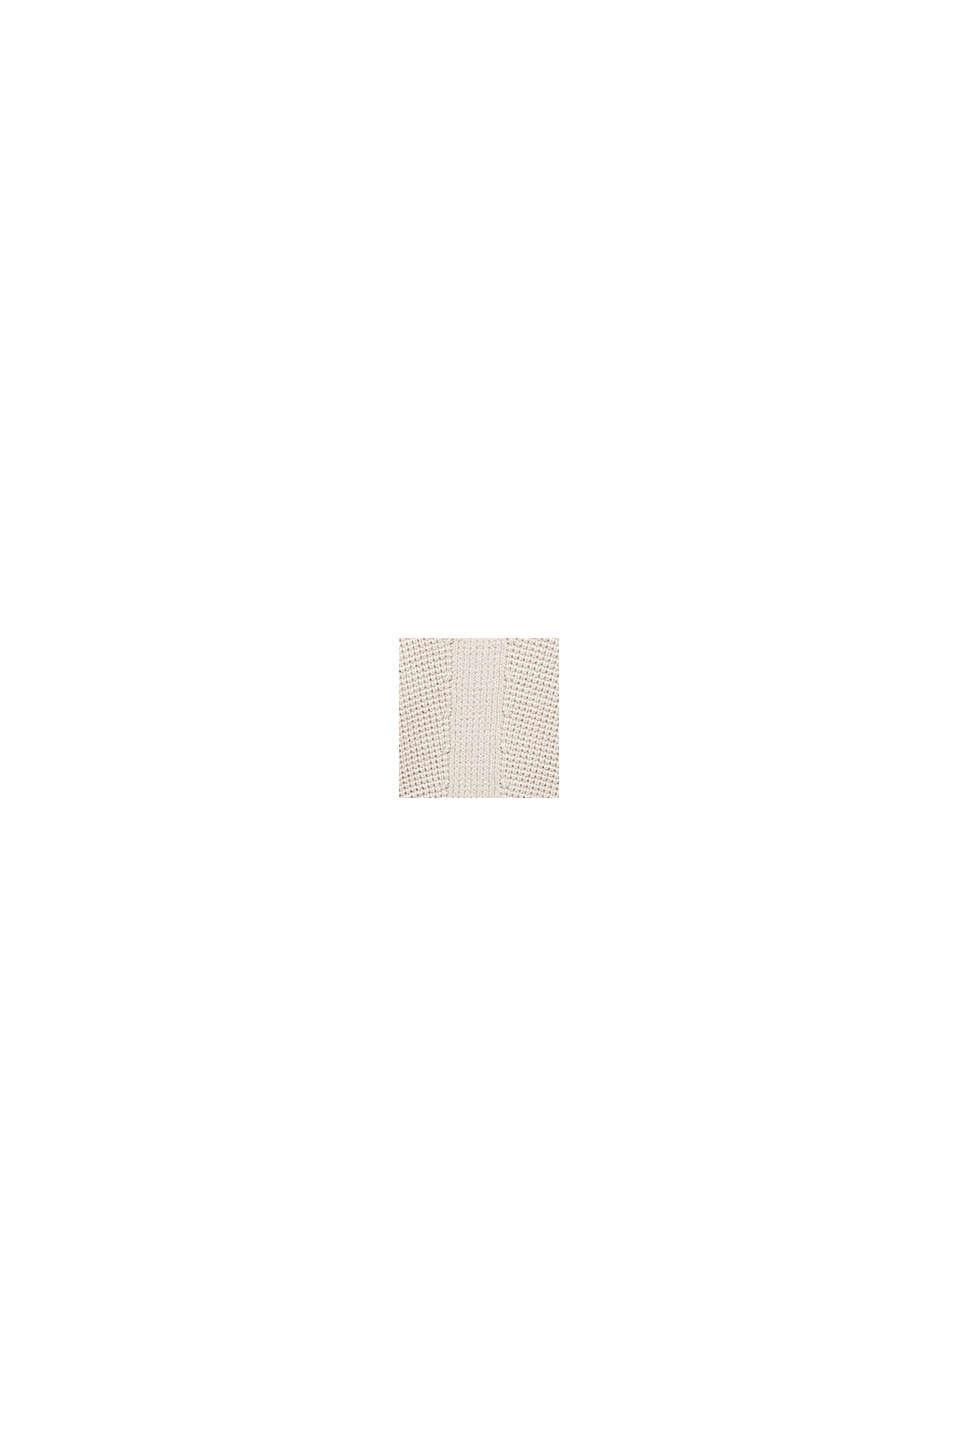 Pulovr se špičatým výstřihem, z perličkového úpletu, SAND, swatch